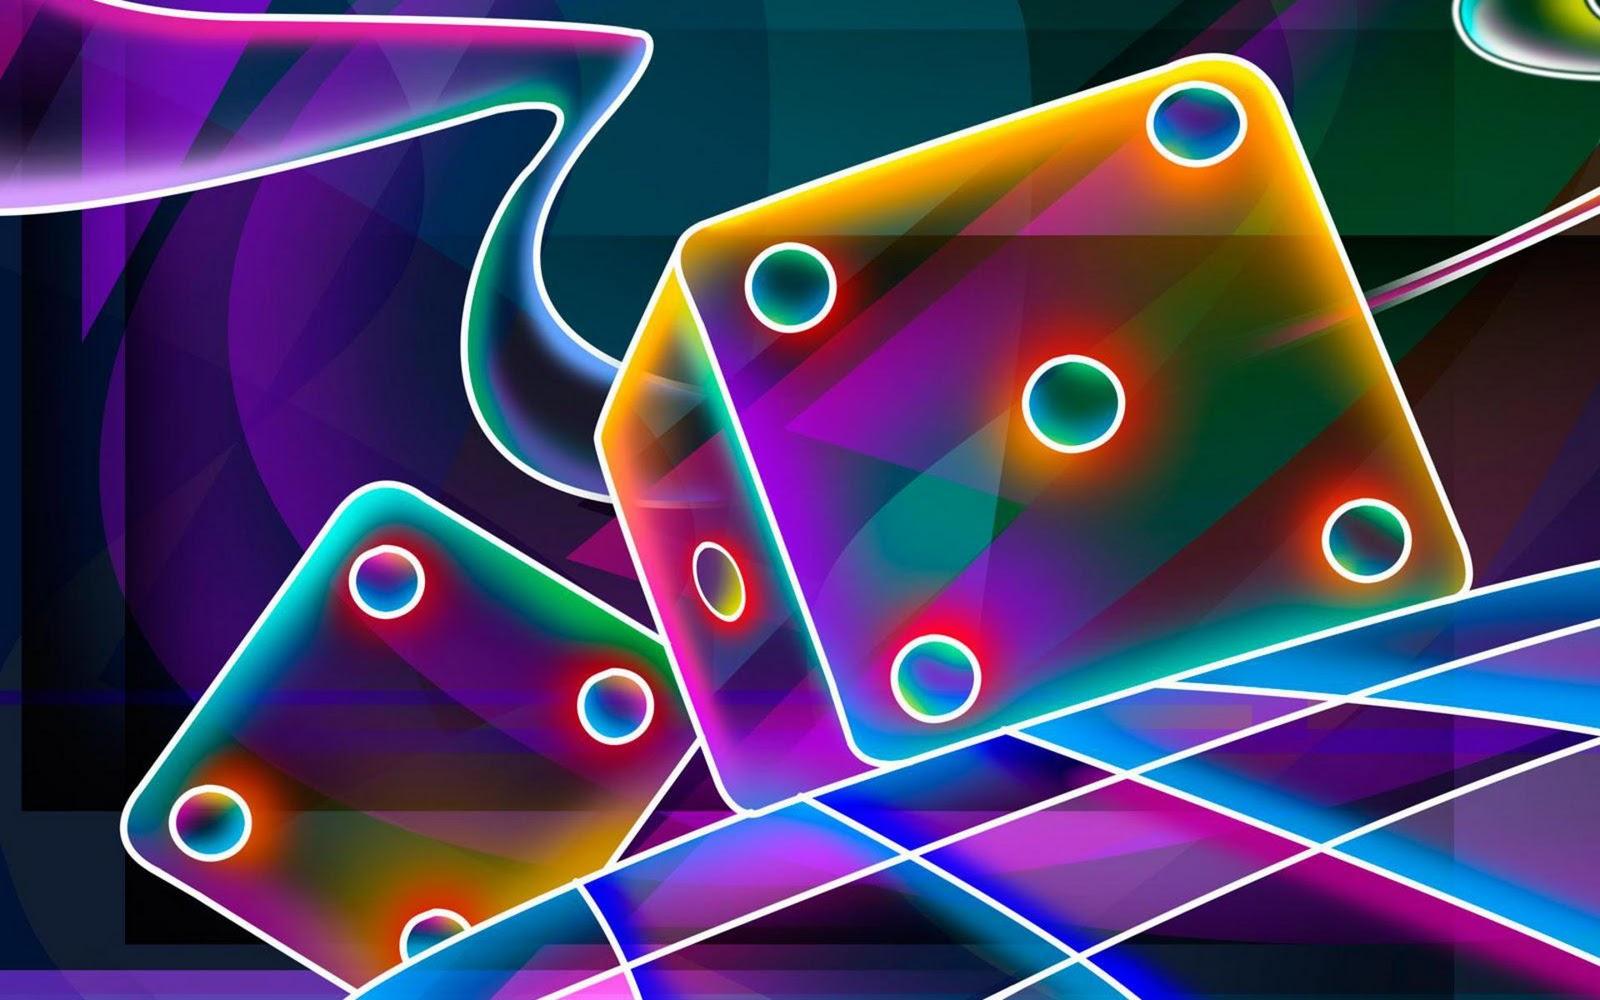 http://1.bp.blogspot.com/_EAViqbzwc_s/TNo1Q70tynI/AAAAAAAABio/joWIBTB6jhQ/s1600/4.jpg